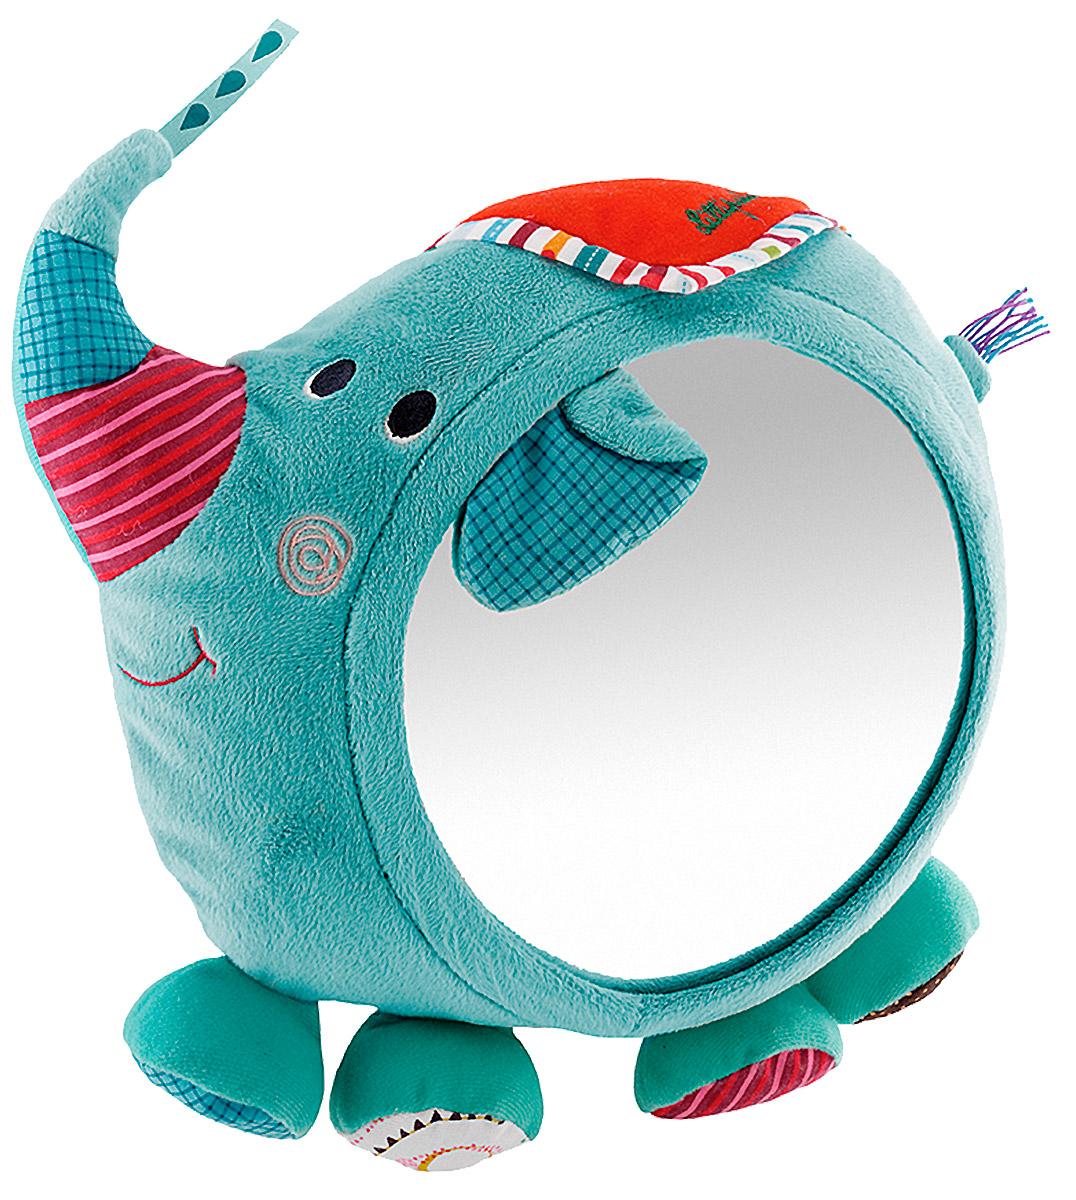 Lilliputiens Развивающая игрушка Слоненок Альберт с зеркалом86566С развивающей игрушкой Lilliputiens Слоненок Альберт с зеркалом станет настоящим другом для любого малыша. Он добродушный и очень дружелюбный. На бочке у слоника имеется большое круглое зеркальце, в которое будет так интересно смотреться малышу. С помощью удобных завязок игрушку можно повесить в детской комнате, на кроватку или даже на автомобильное сиденье, если вы отправляетесь в путешествие. Кроме того, Альберт очень мягкий. Перевернув слоника на другую сторону, его можно использовать как удобную подушку. Альберт изготовлен из качественных гипоаллергенных материалов, безопасных для ребенка. Его хобот, ножки и ушки украшены яркими цветными лоскутками. Игрушка обязательно понравится и мальчикам, и девочкам. Развивающая игрушка Lilliputiens Слоненок Альберт с зеркалом развивает мелкую моторику и цветовое восприятие ребенка. Порадуйте свою кроху таким милым подарком!